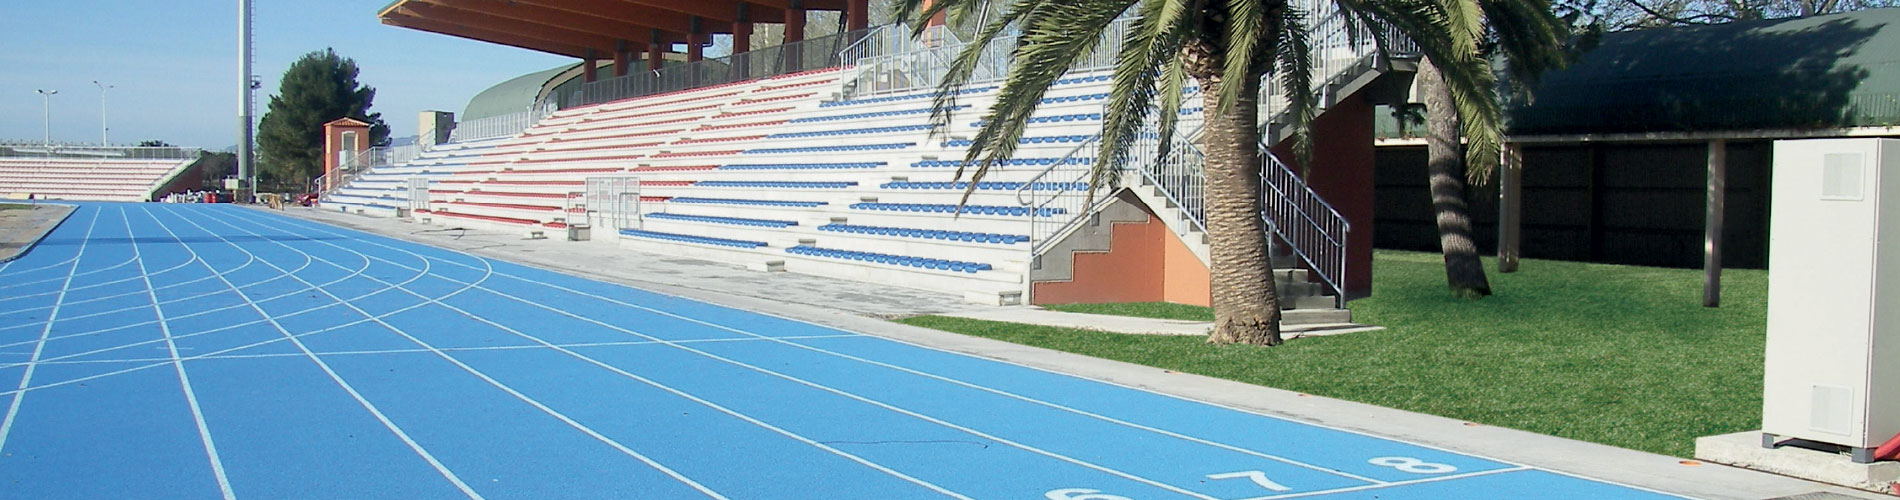 tipiesse-progettazione-e-realizzazione-di-resine-per-la-pavimentazione-sportiva-e-nella-realizzazione-di-impianti-sportivi-slide4